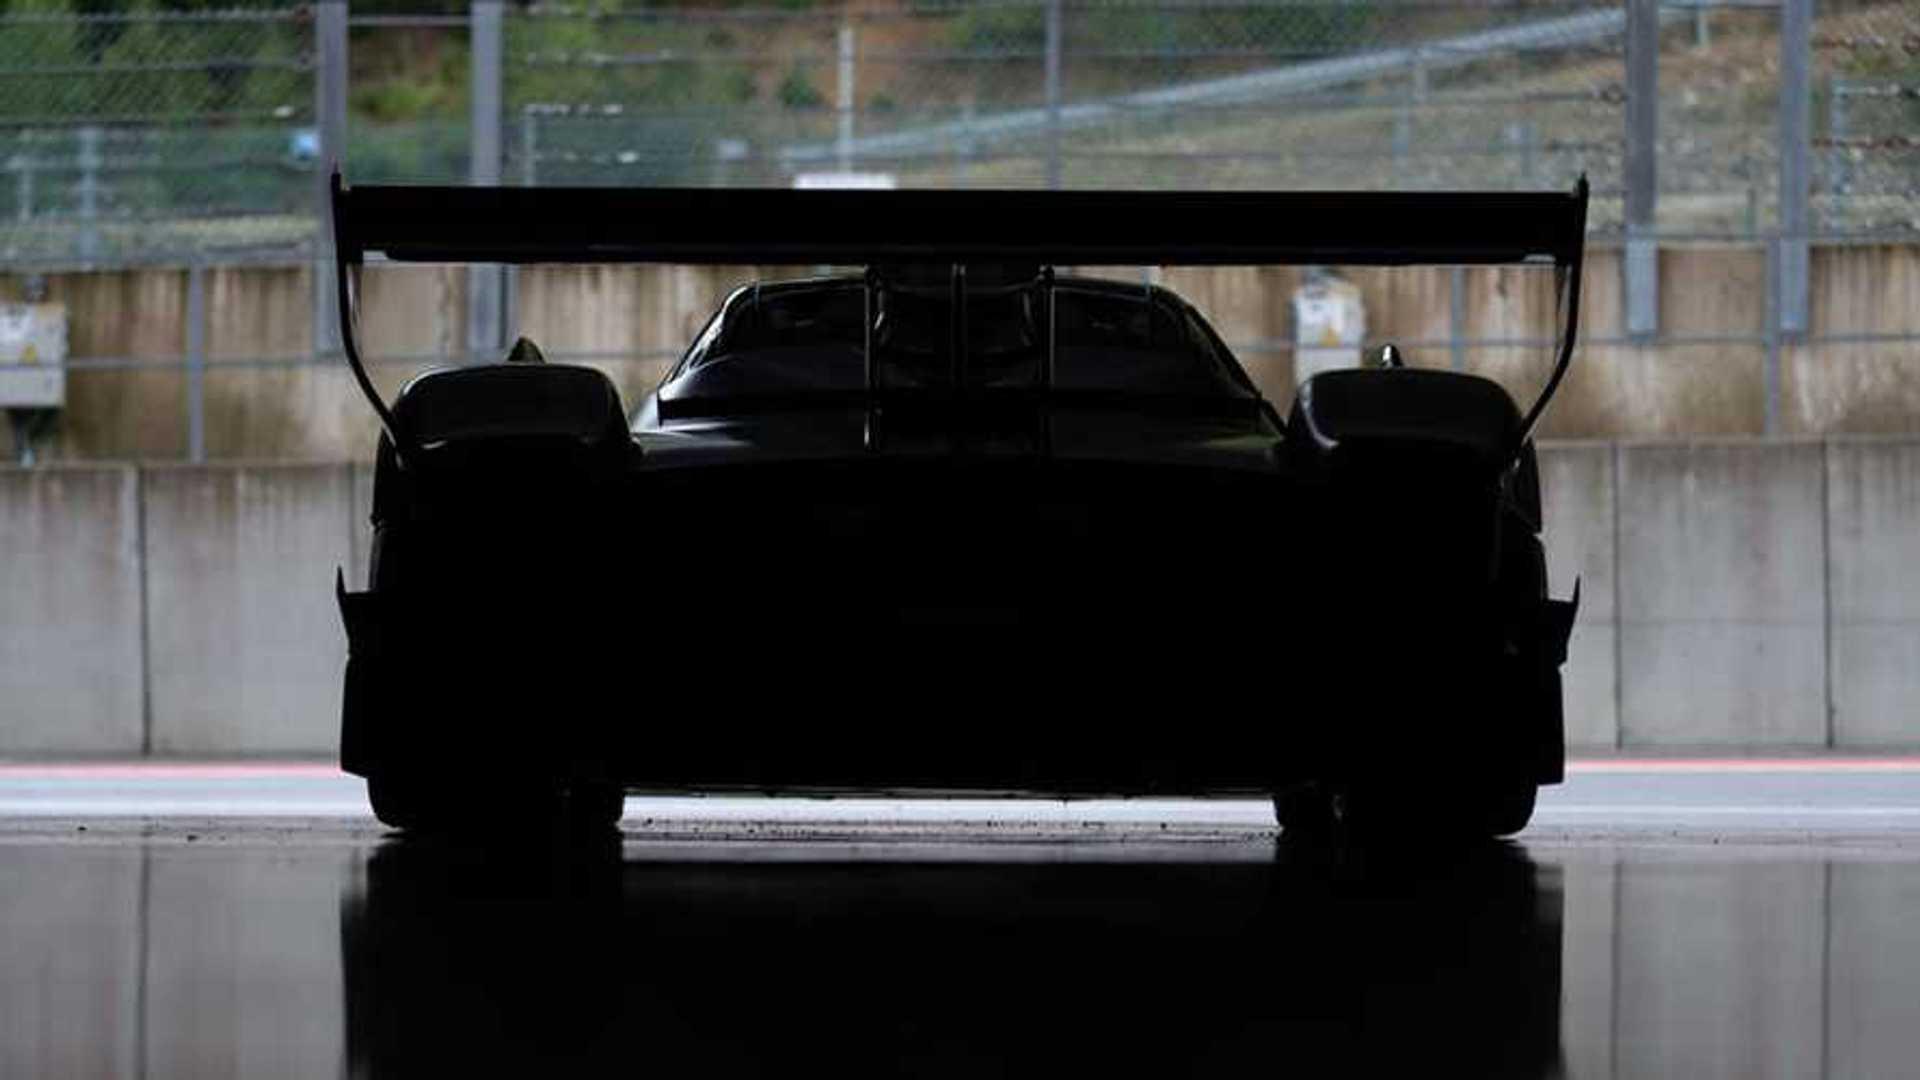 Тизер Pagani Huayra R демонстрирует задний силуэт гусеничного зверя с двигателем V12